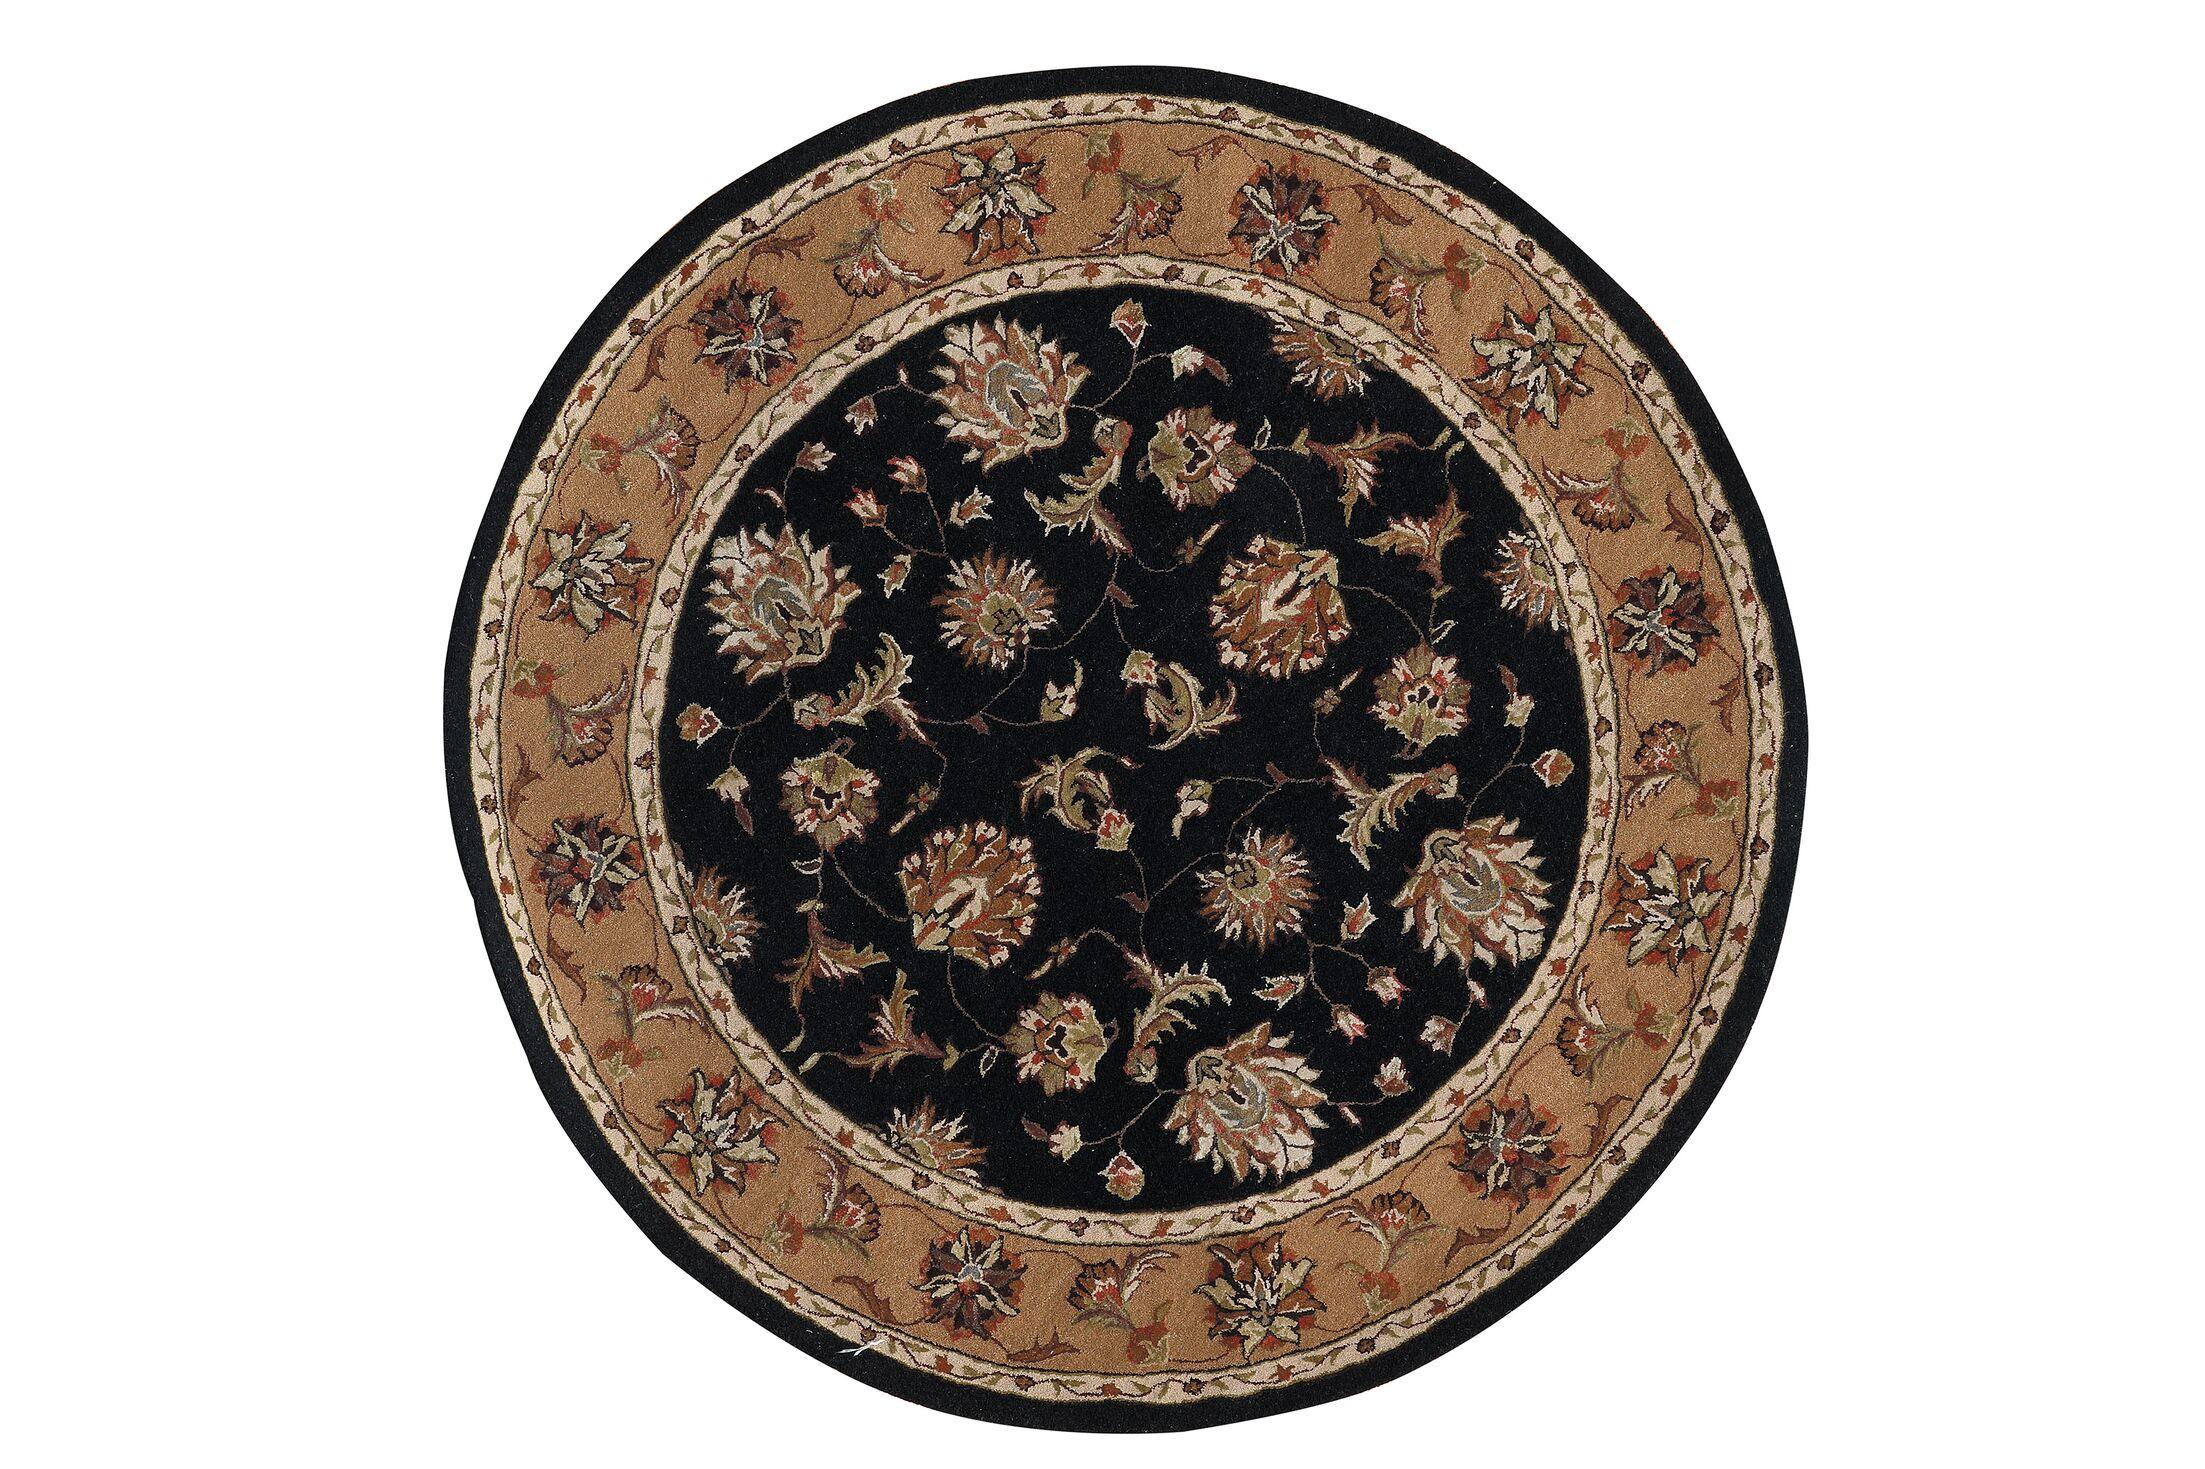 Java Black/Camel Rug Rug Size: Round 5'3